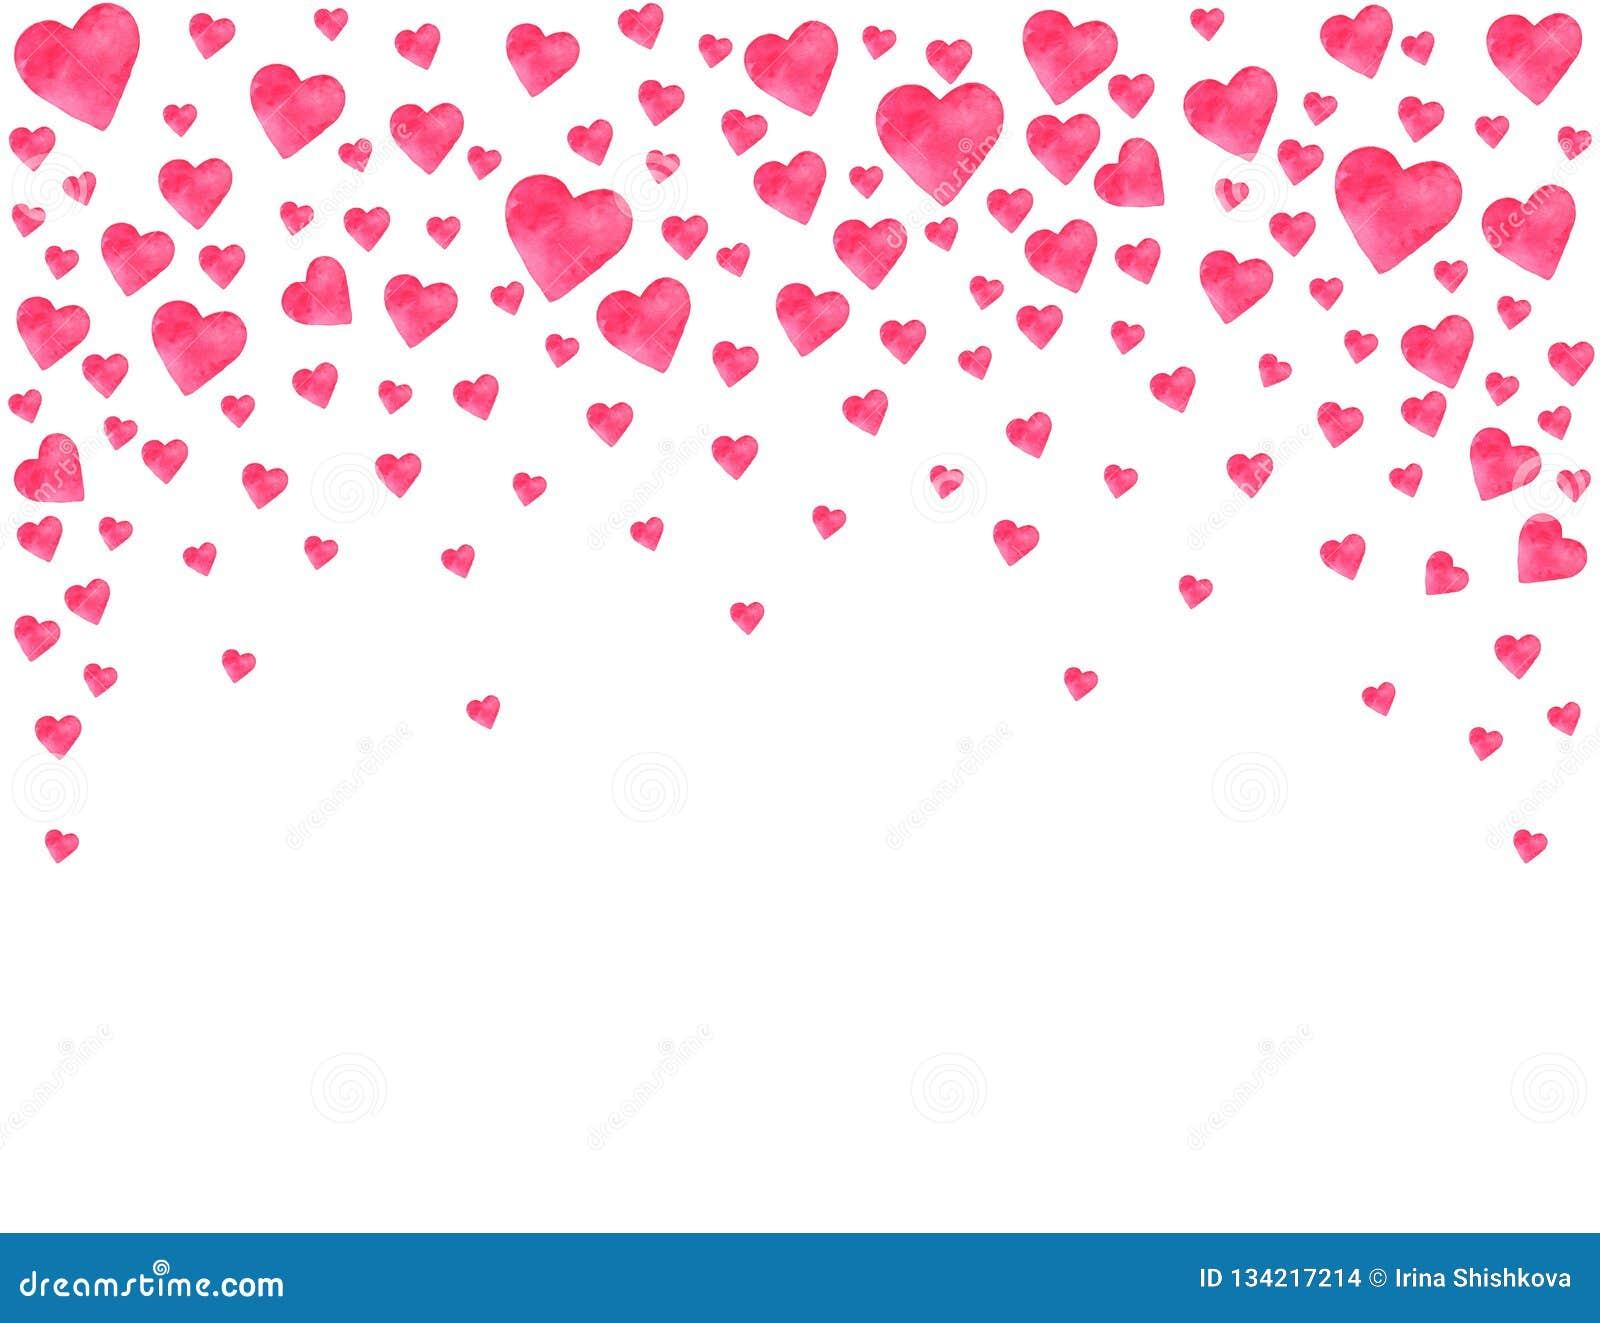 Συναισθήματα αγάπης εραστών διακοπών πρόσκλησης συγχαρητηρίων ημέρας Watercolor καρδιών ημέρας του βαλεντίνου καρτών